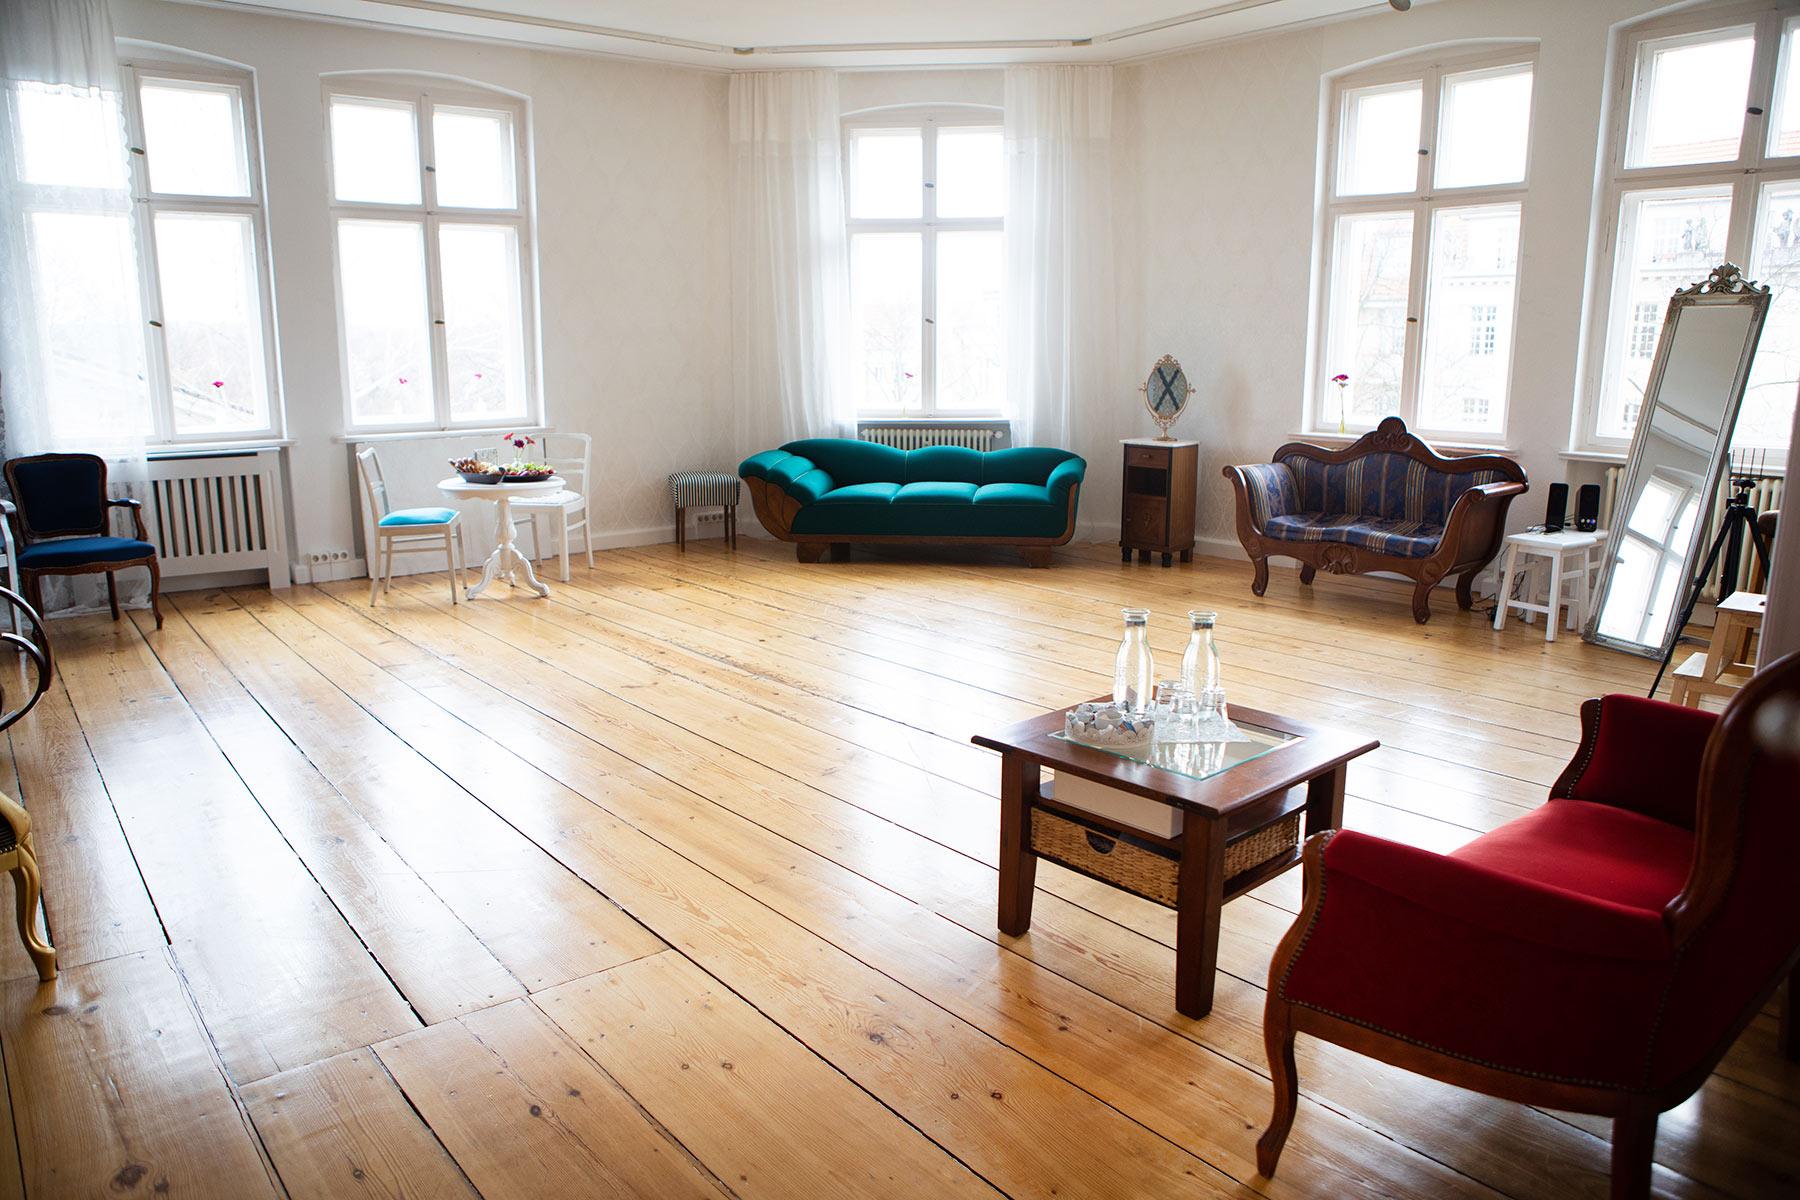 Mietlocation-in-Potsdam-bei-Berlin-stilvoll-und-liebevoll-geführt-für-Fotografen-und-Workshops.jpg